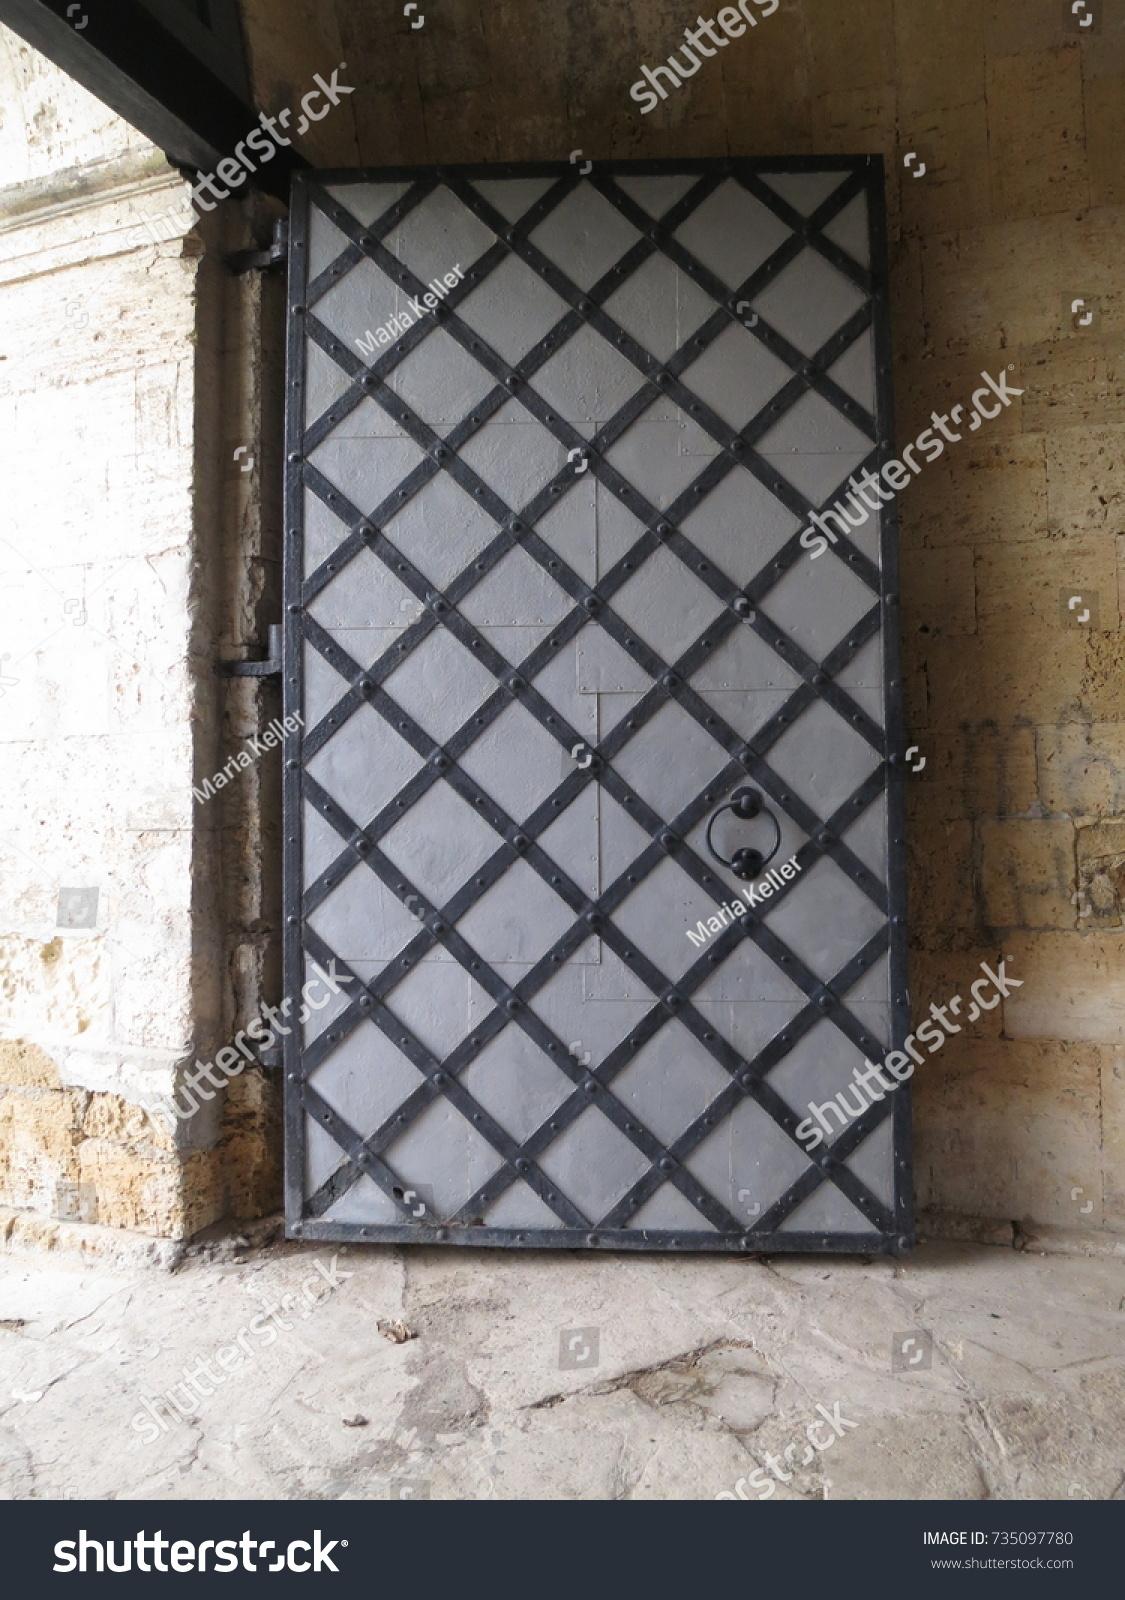 Big Old Doors & Big Old Doors Stock Photo 735097780 - Shutterstock